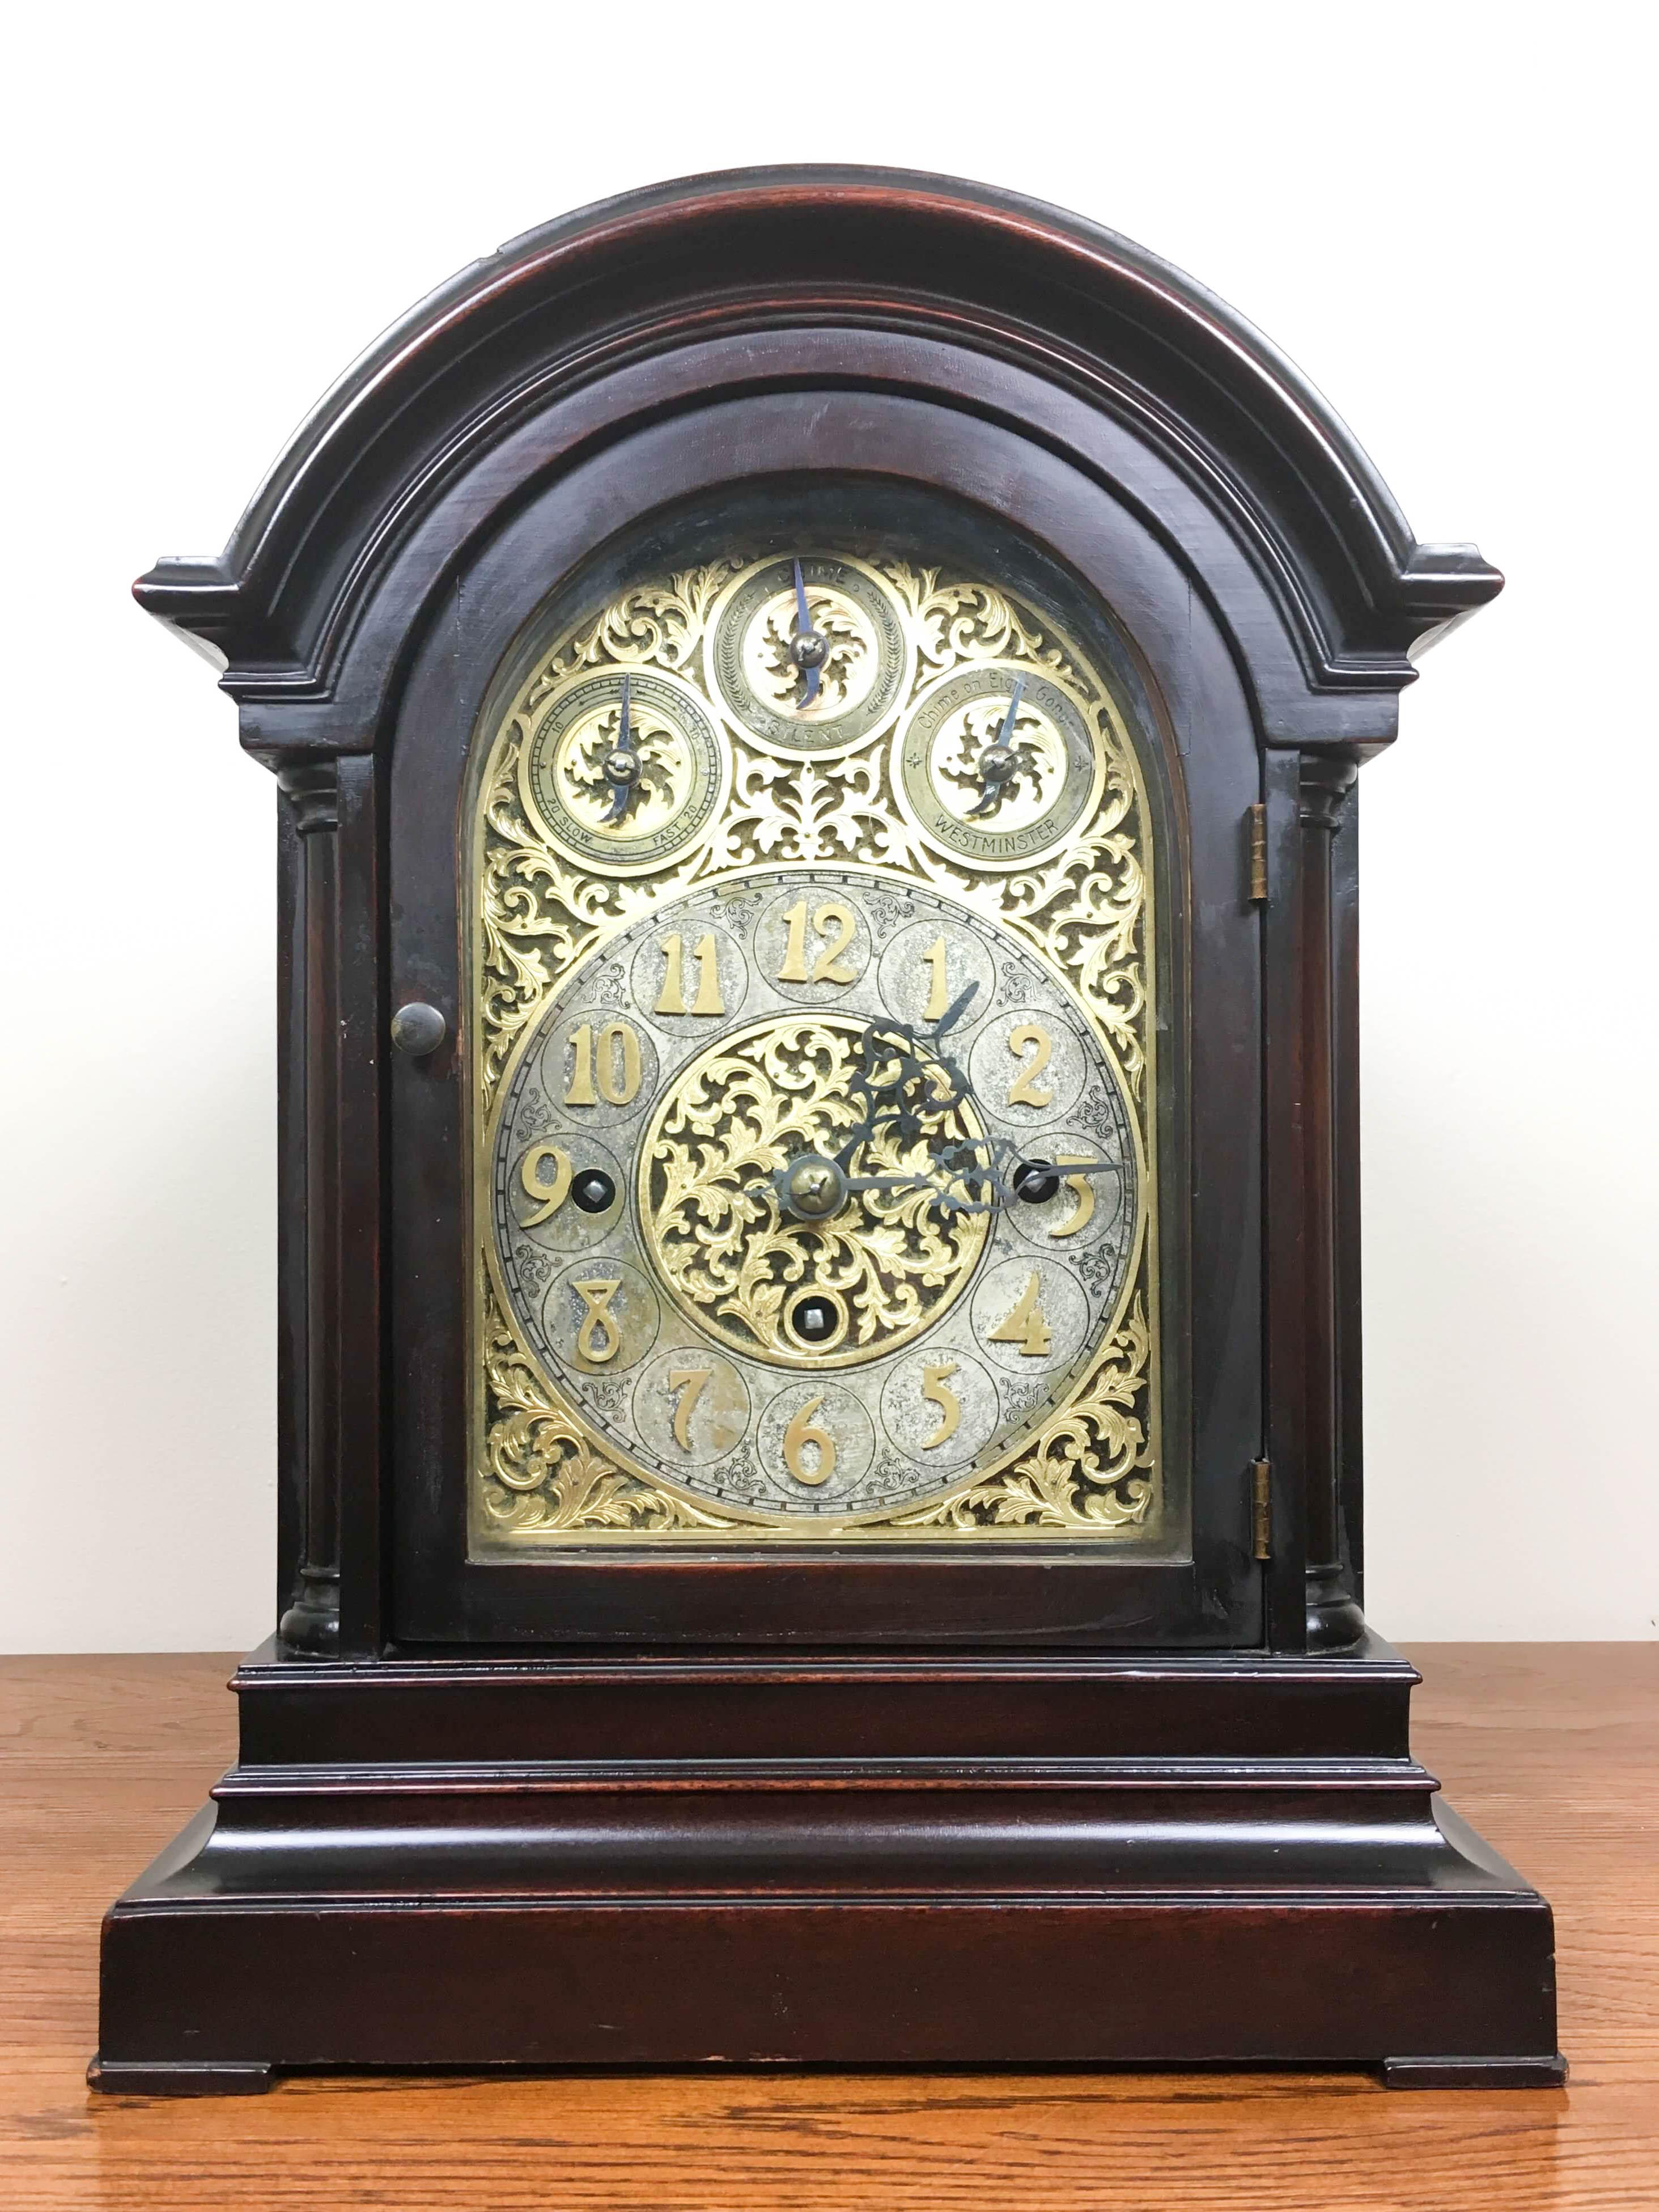 Triple Fusee Nine Gong Mantel Clock